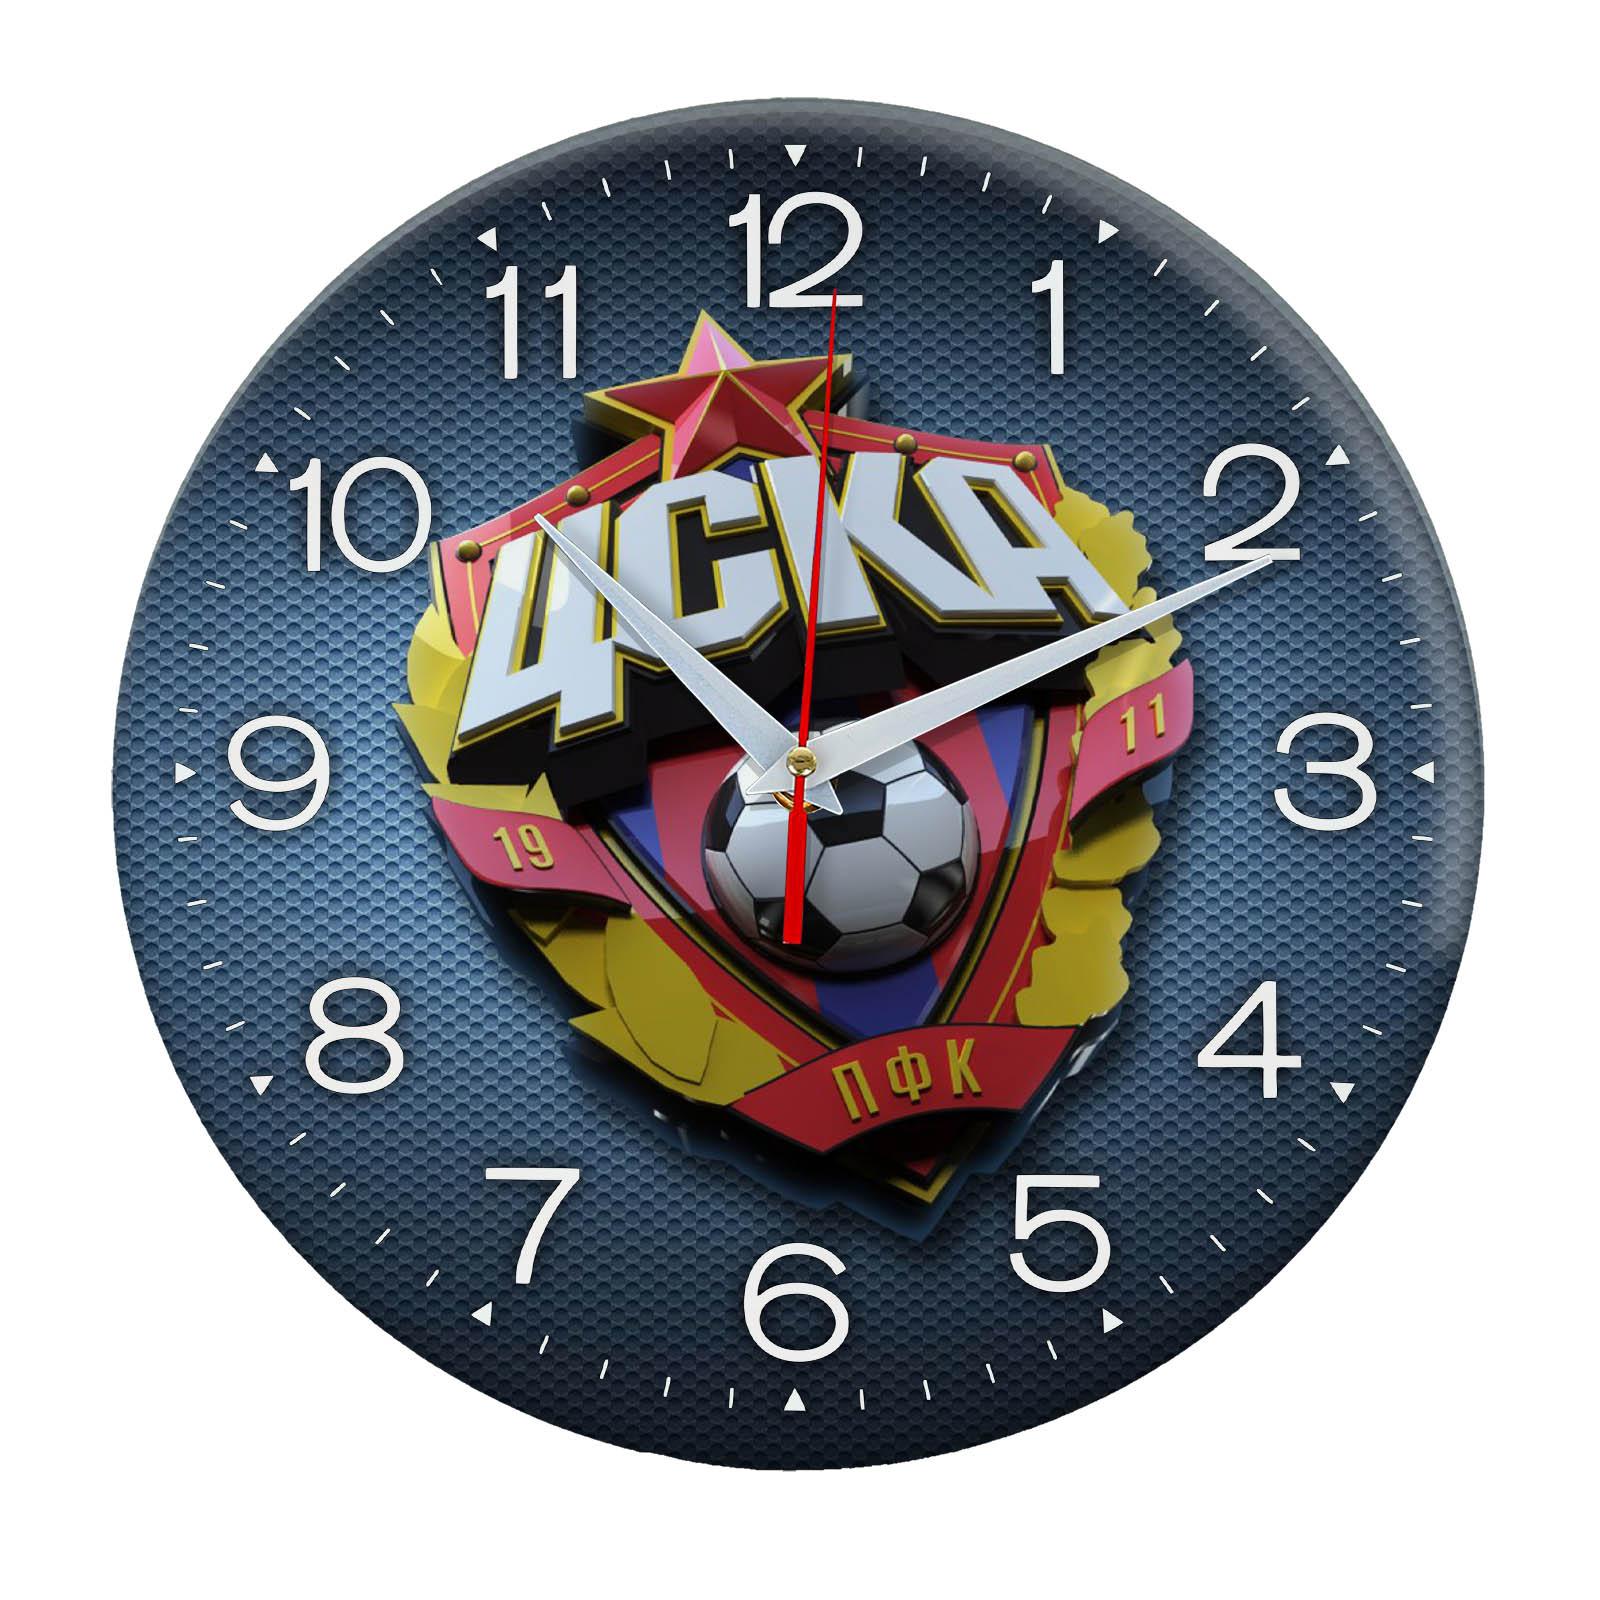 ЦСКА часы с символикой футбольного клуба